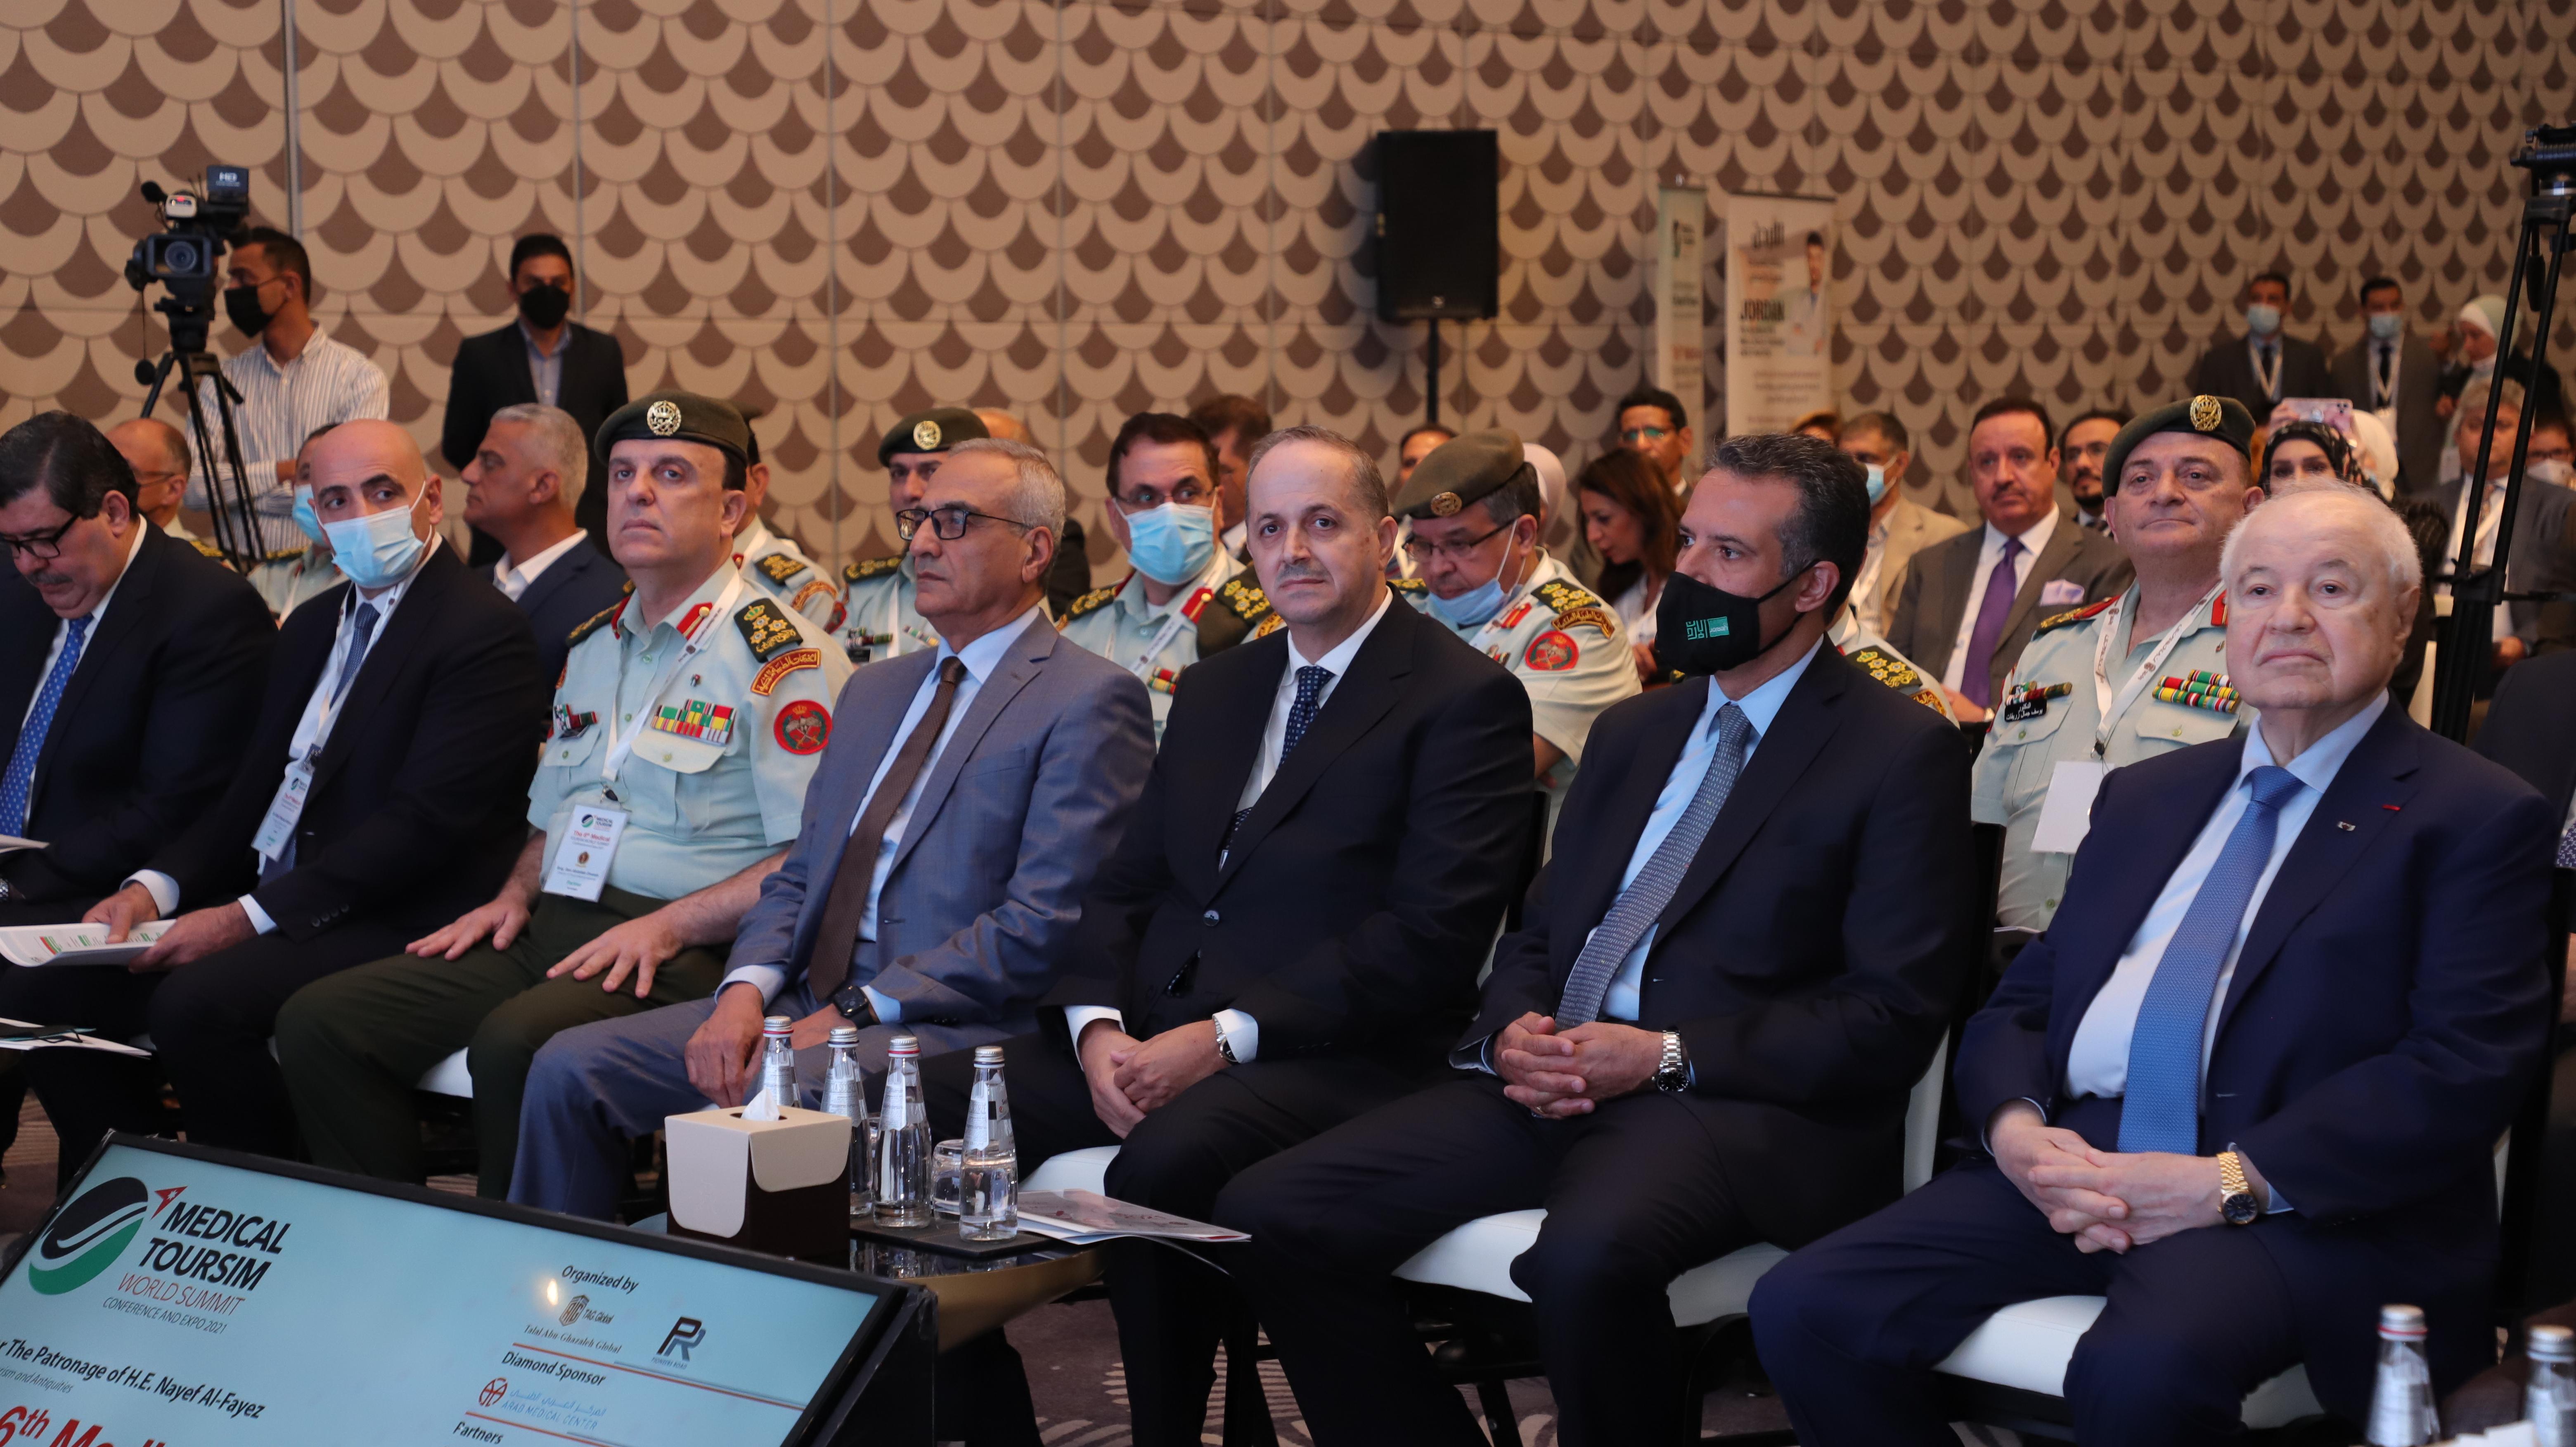 انطلاق فعاليات القمة العالمية السادسة للسياحة الاستشفائية